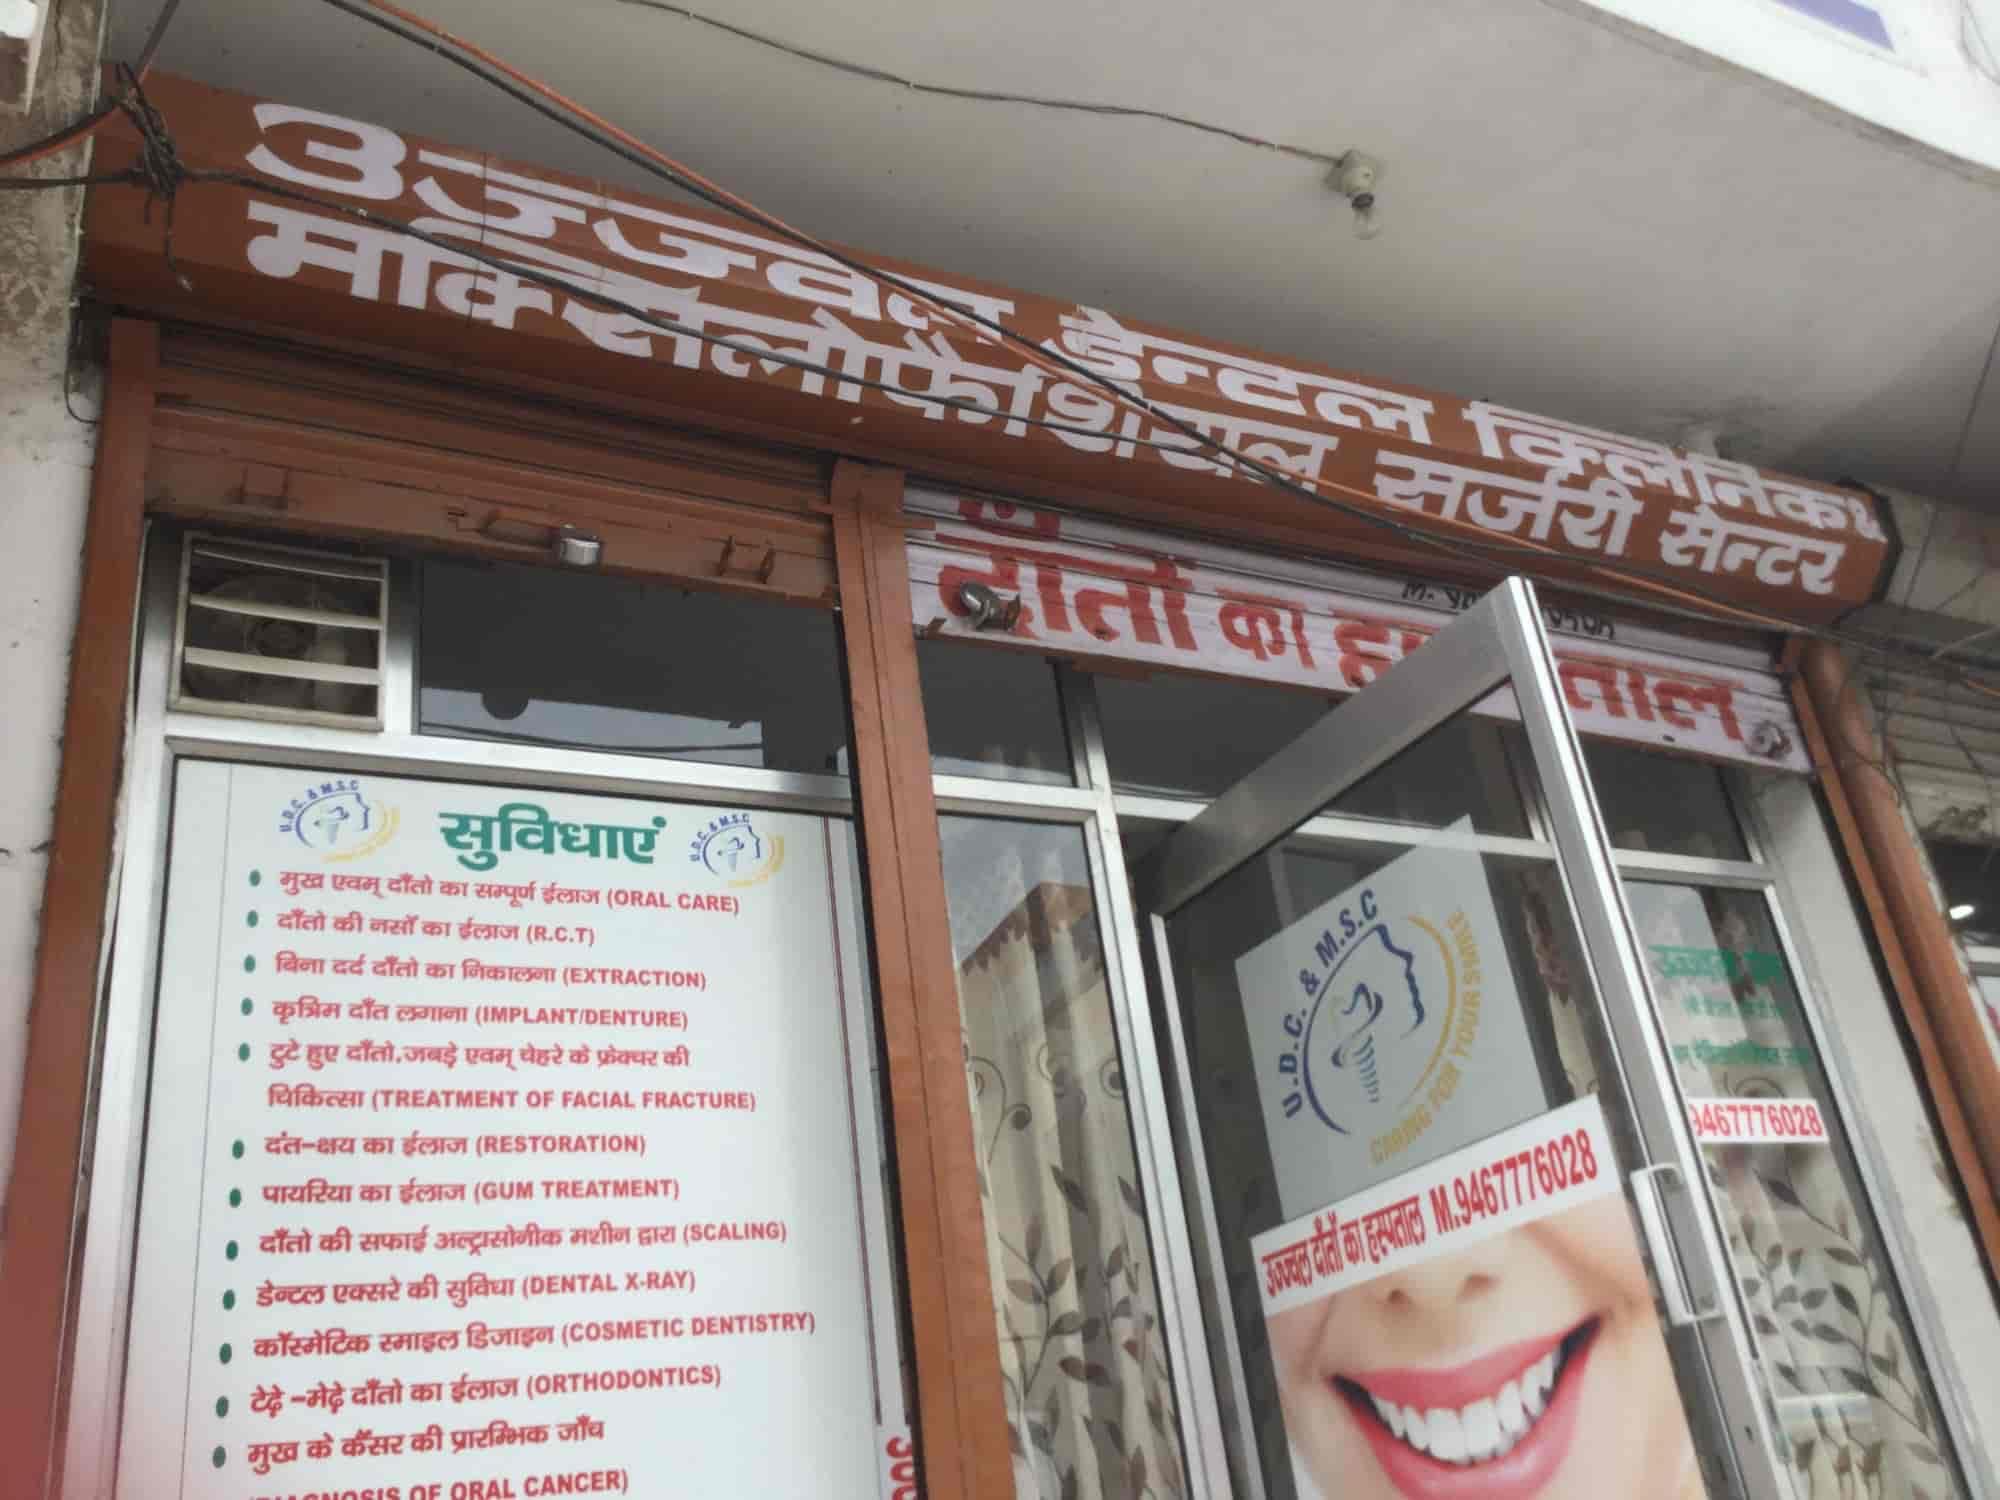 Pity, maxillo facial surgery center